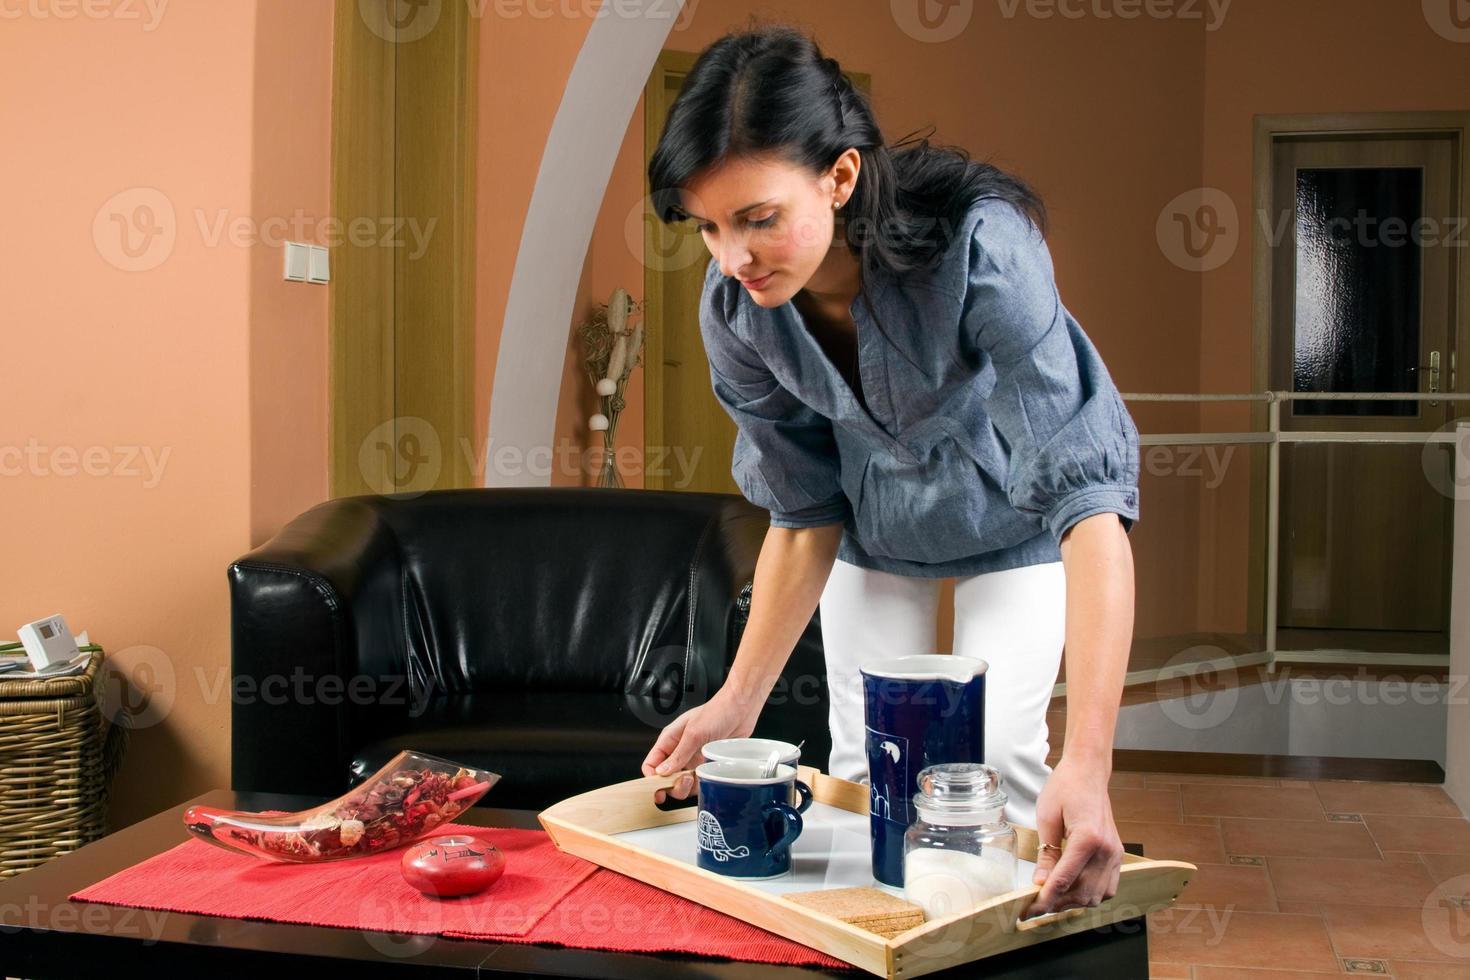 jovem trabalhando na sala de estar foto